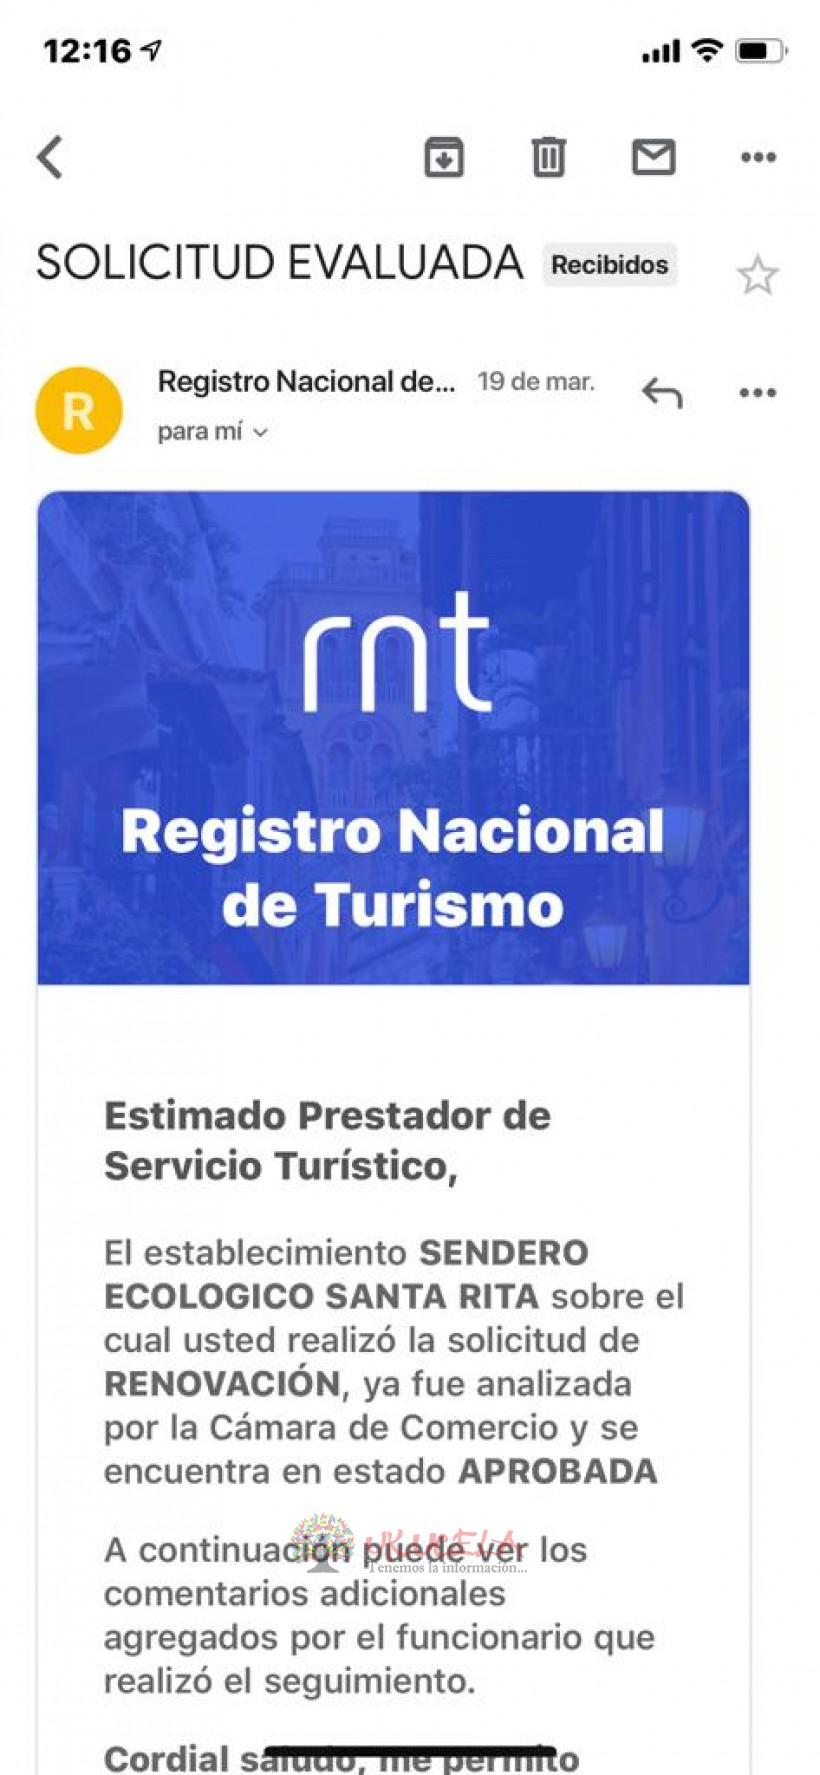 SANTA RITA LA CASCADA TE INVITA A CONOCER NUESTROS SENDEROS ECOLÓGICOS